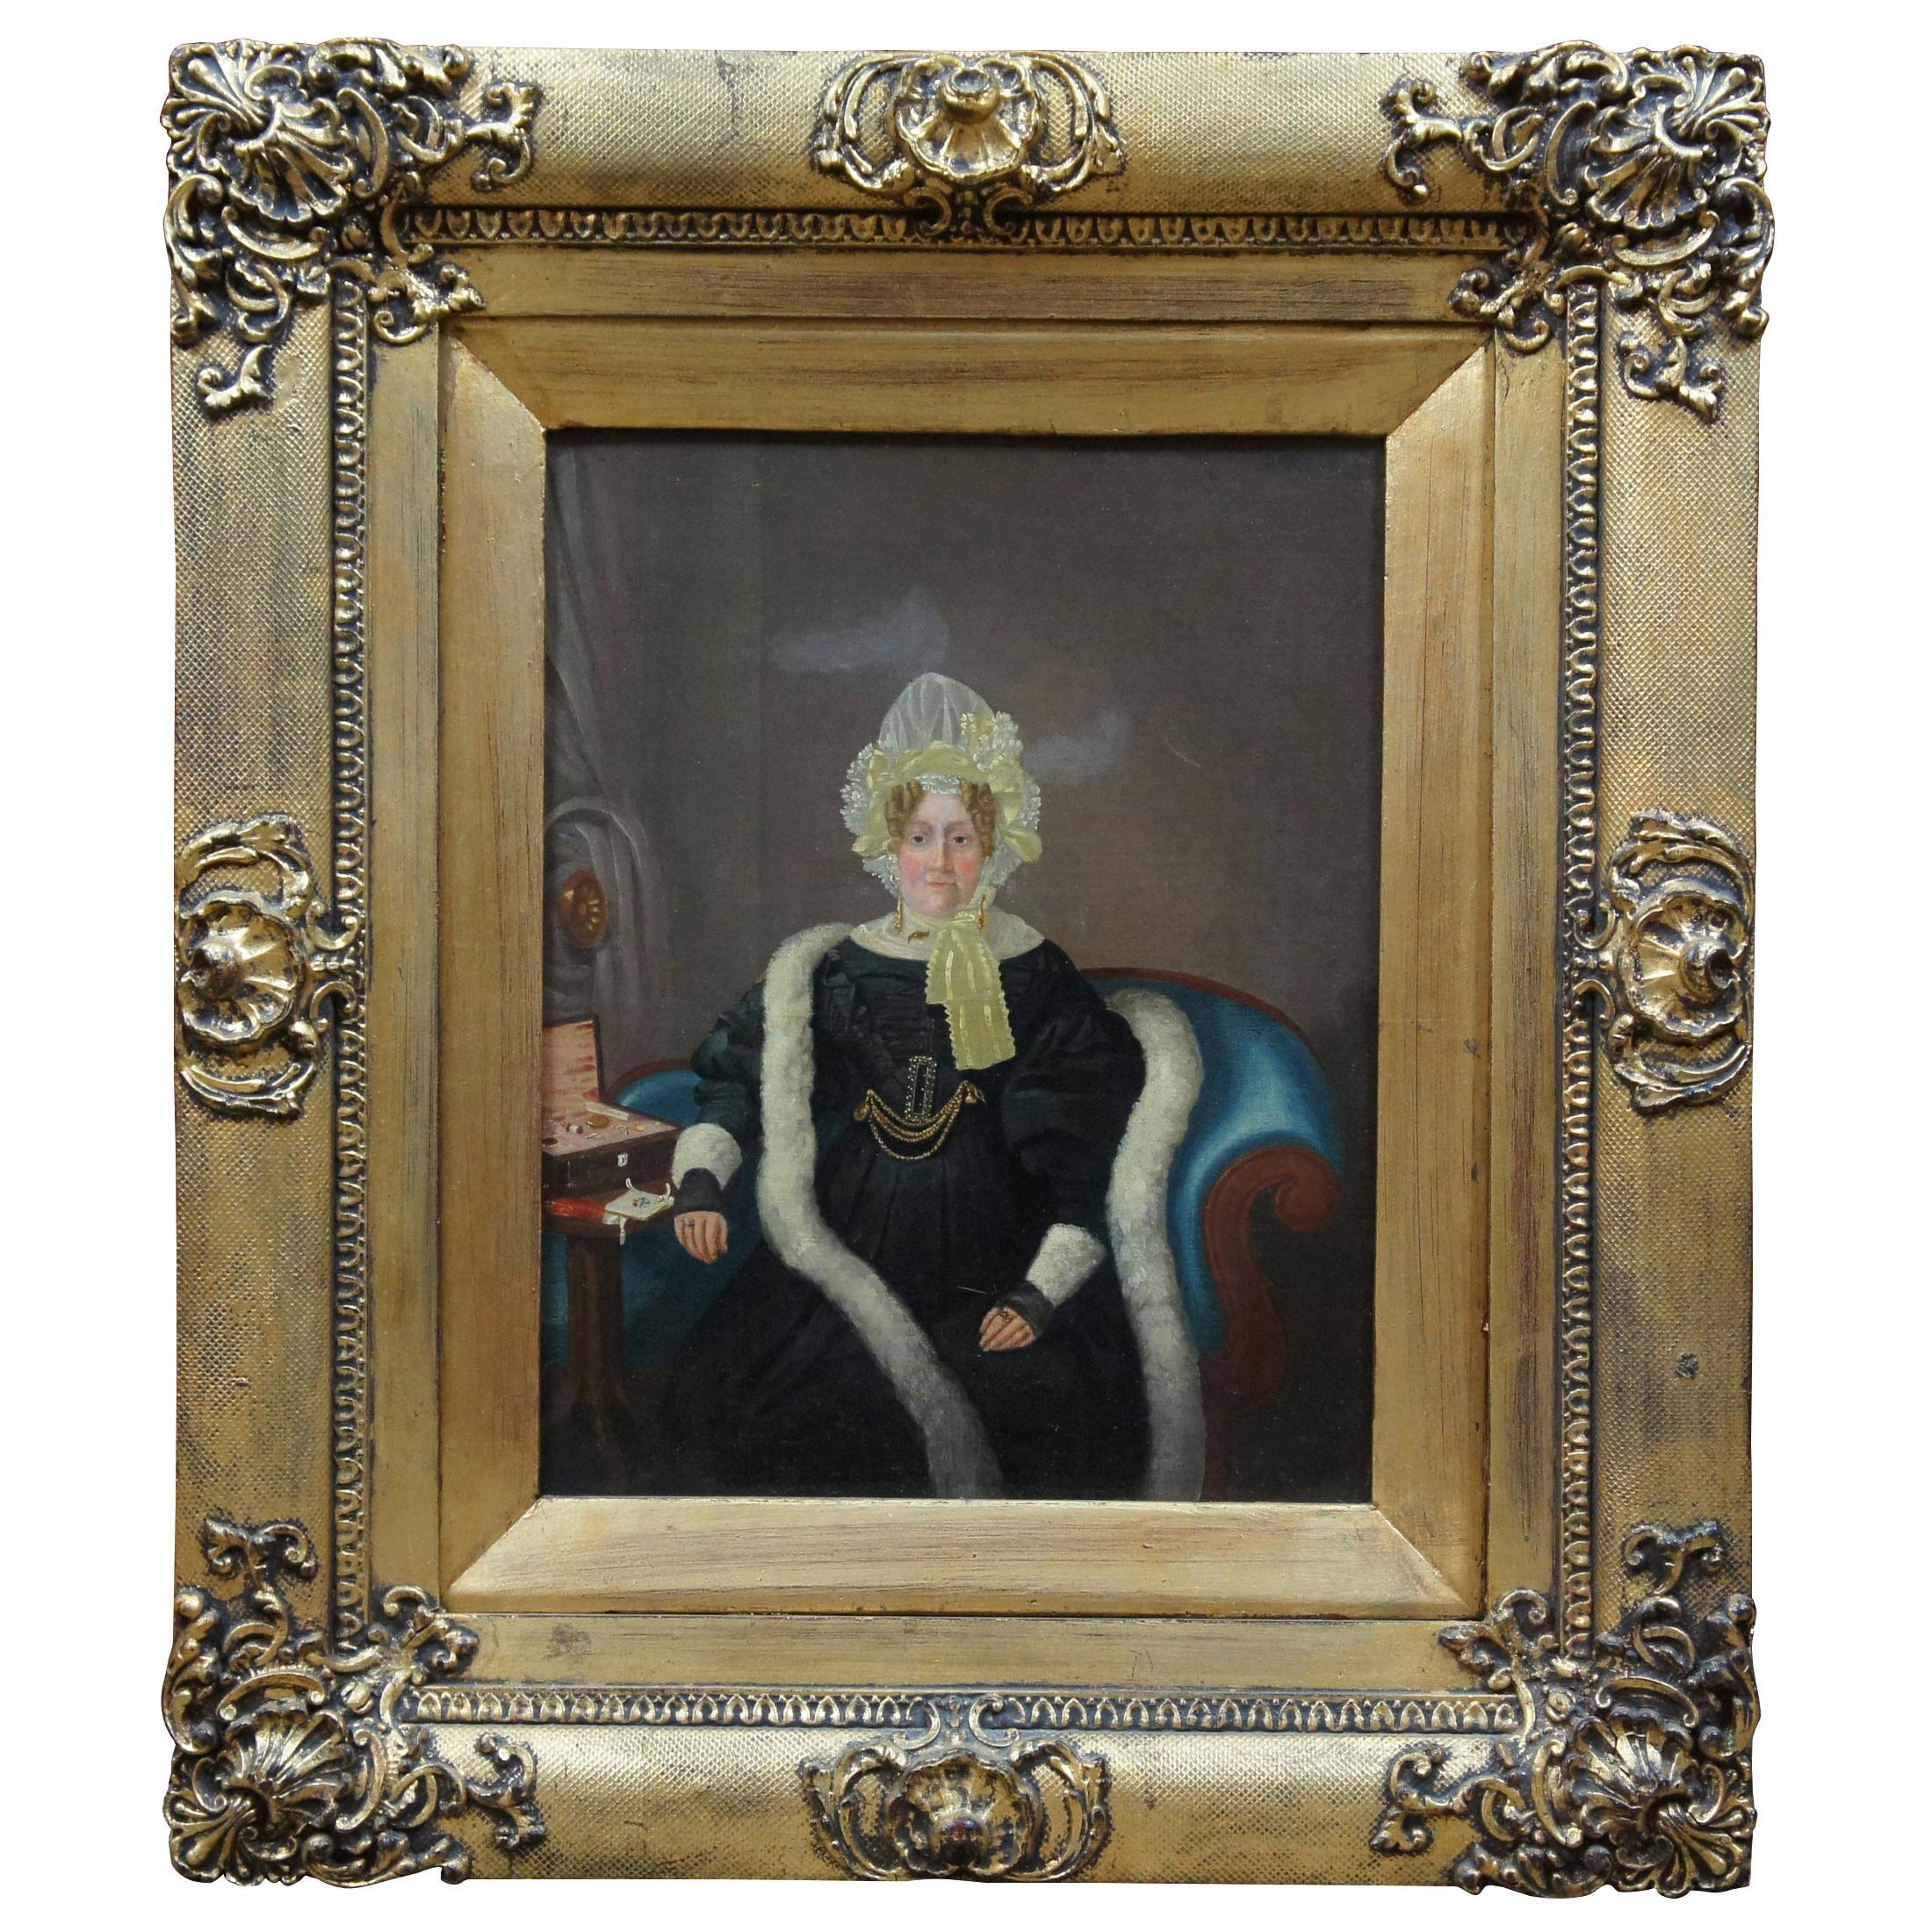 Antique 19th Century Oil on Canvas Portrait Woman in Bonnet